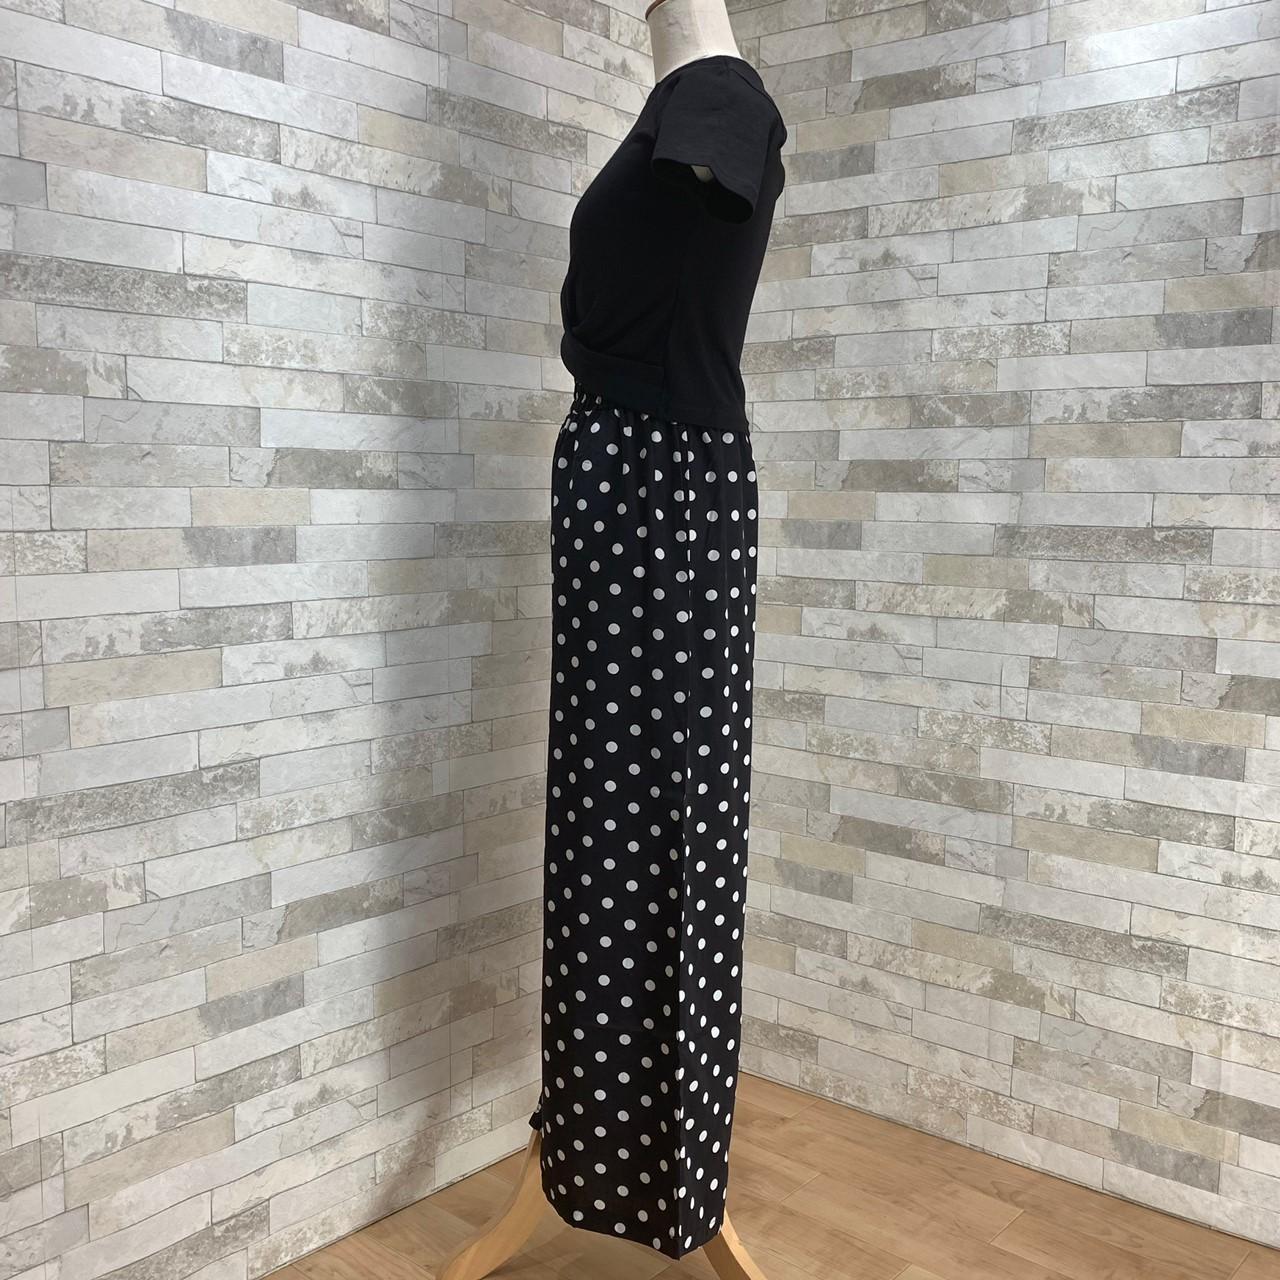 【即納】韓国 ファッション セットアップ 春 夏 カジュアル SPTXF278  クロスデザイン ショート Tシャツ シフォン ワイドストレートパンツ リゾート オルチャン シンプル 定番 セレカジの写真14枚目